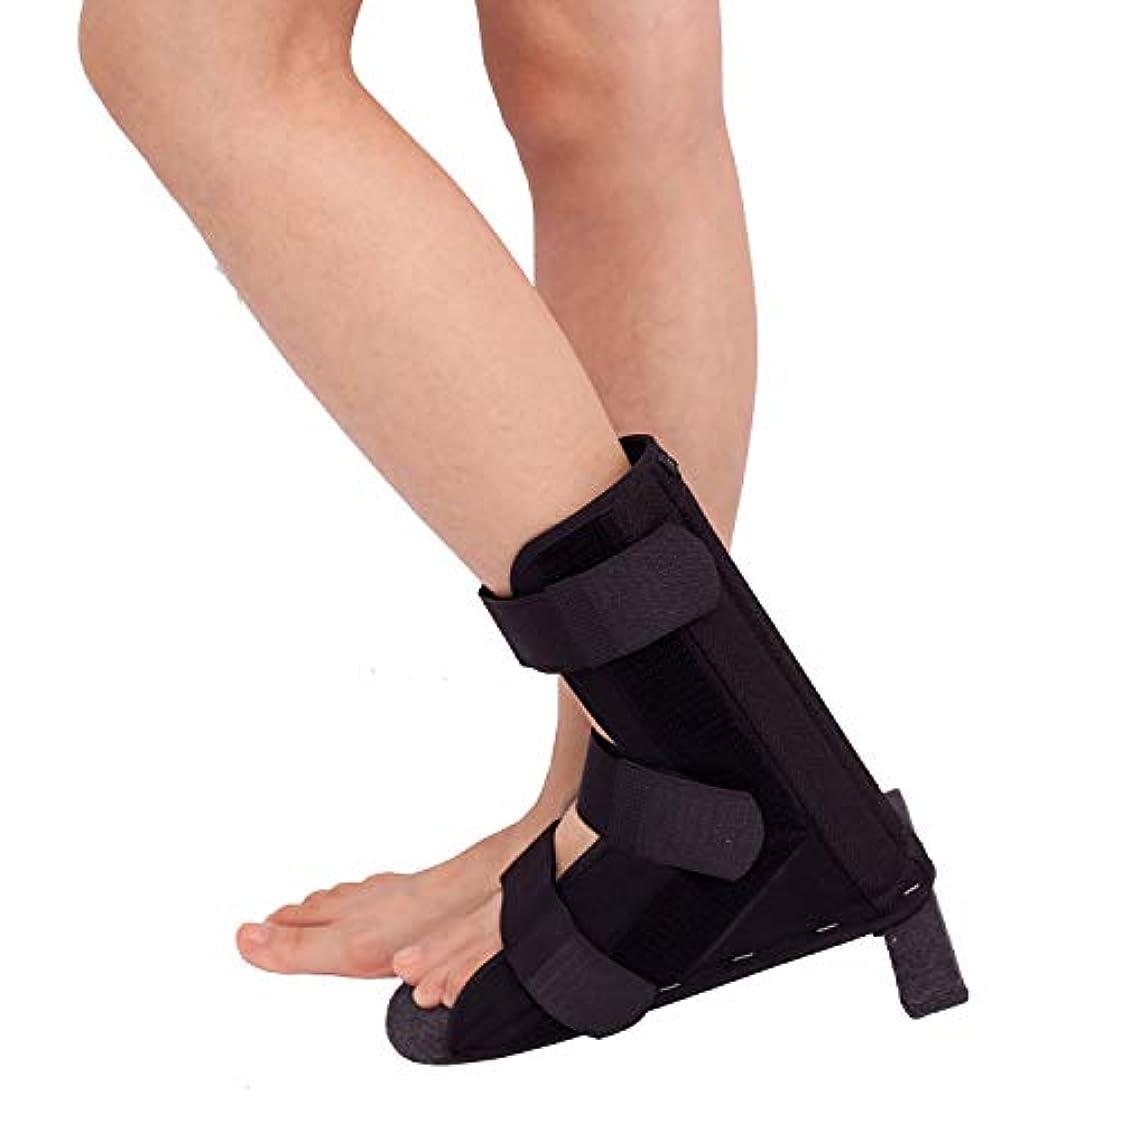 現金こねる許される足首サポート ア、T字型靴、整形外科用靴、足首骨折、捻挫固定ブラケット (Size : L)